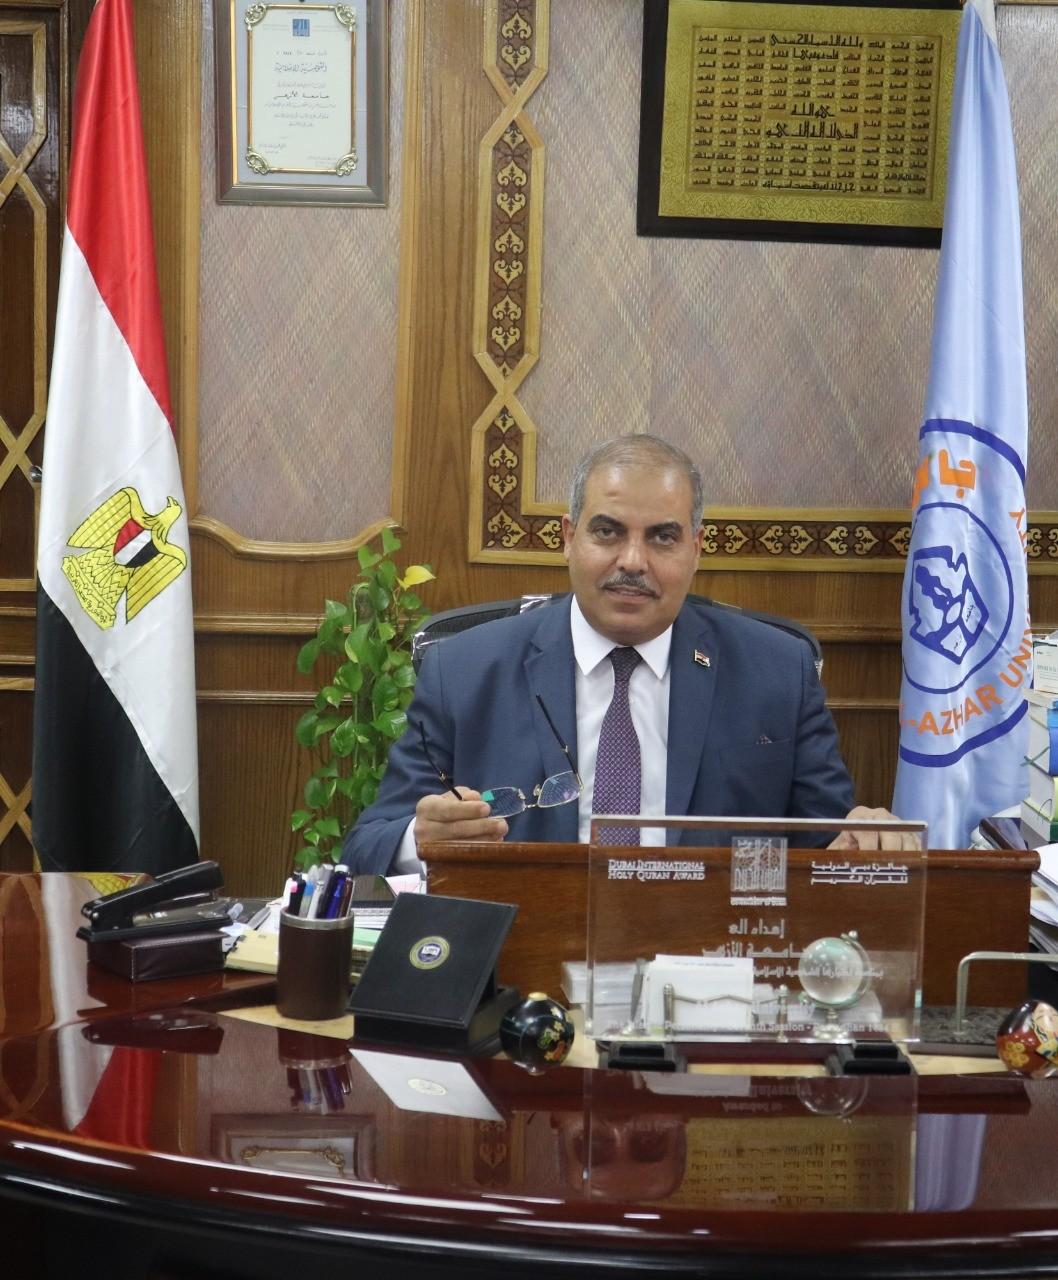 محمد حسين المحرصاوي